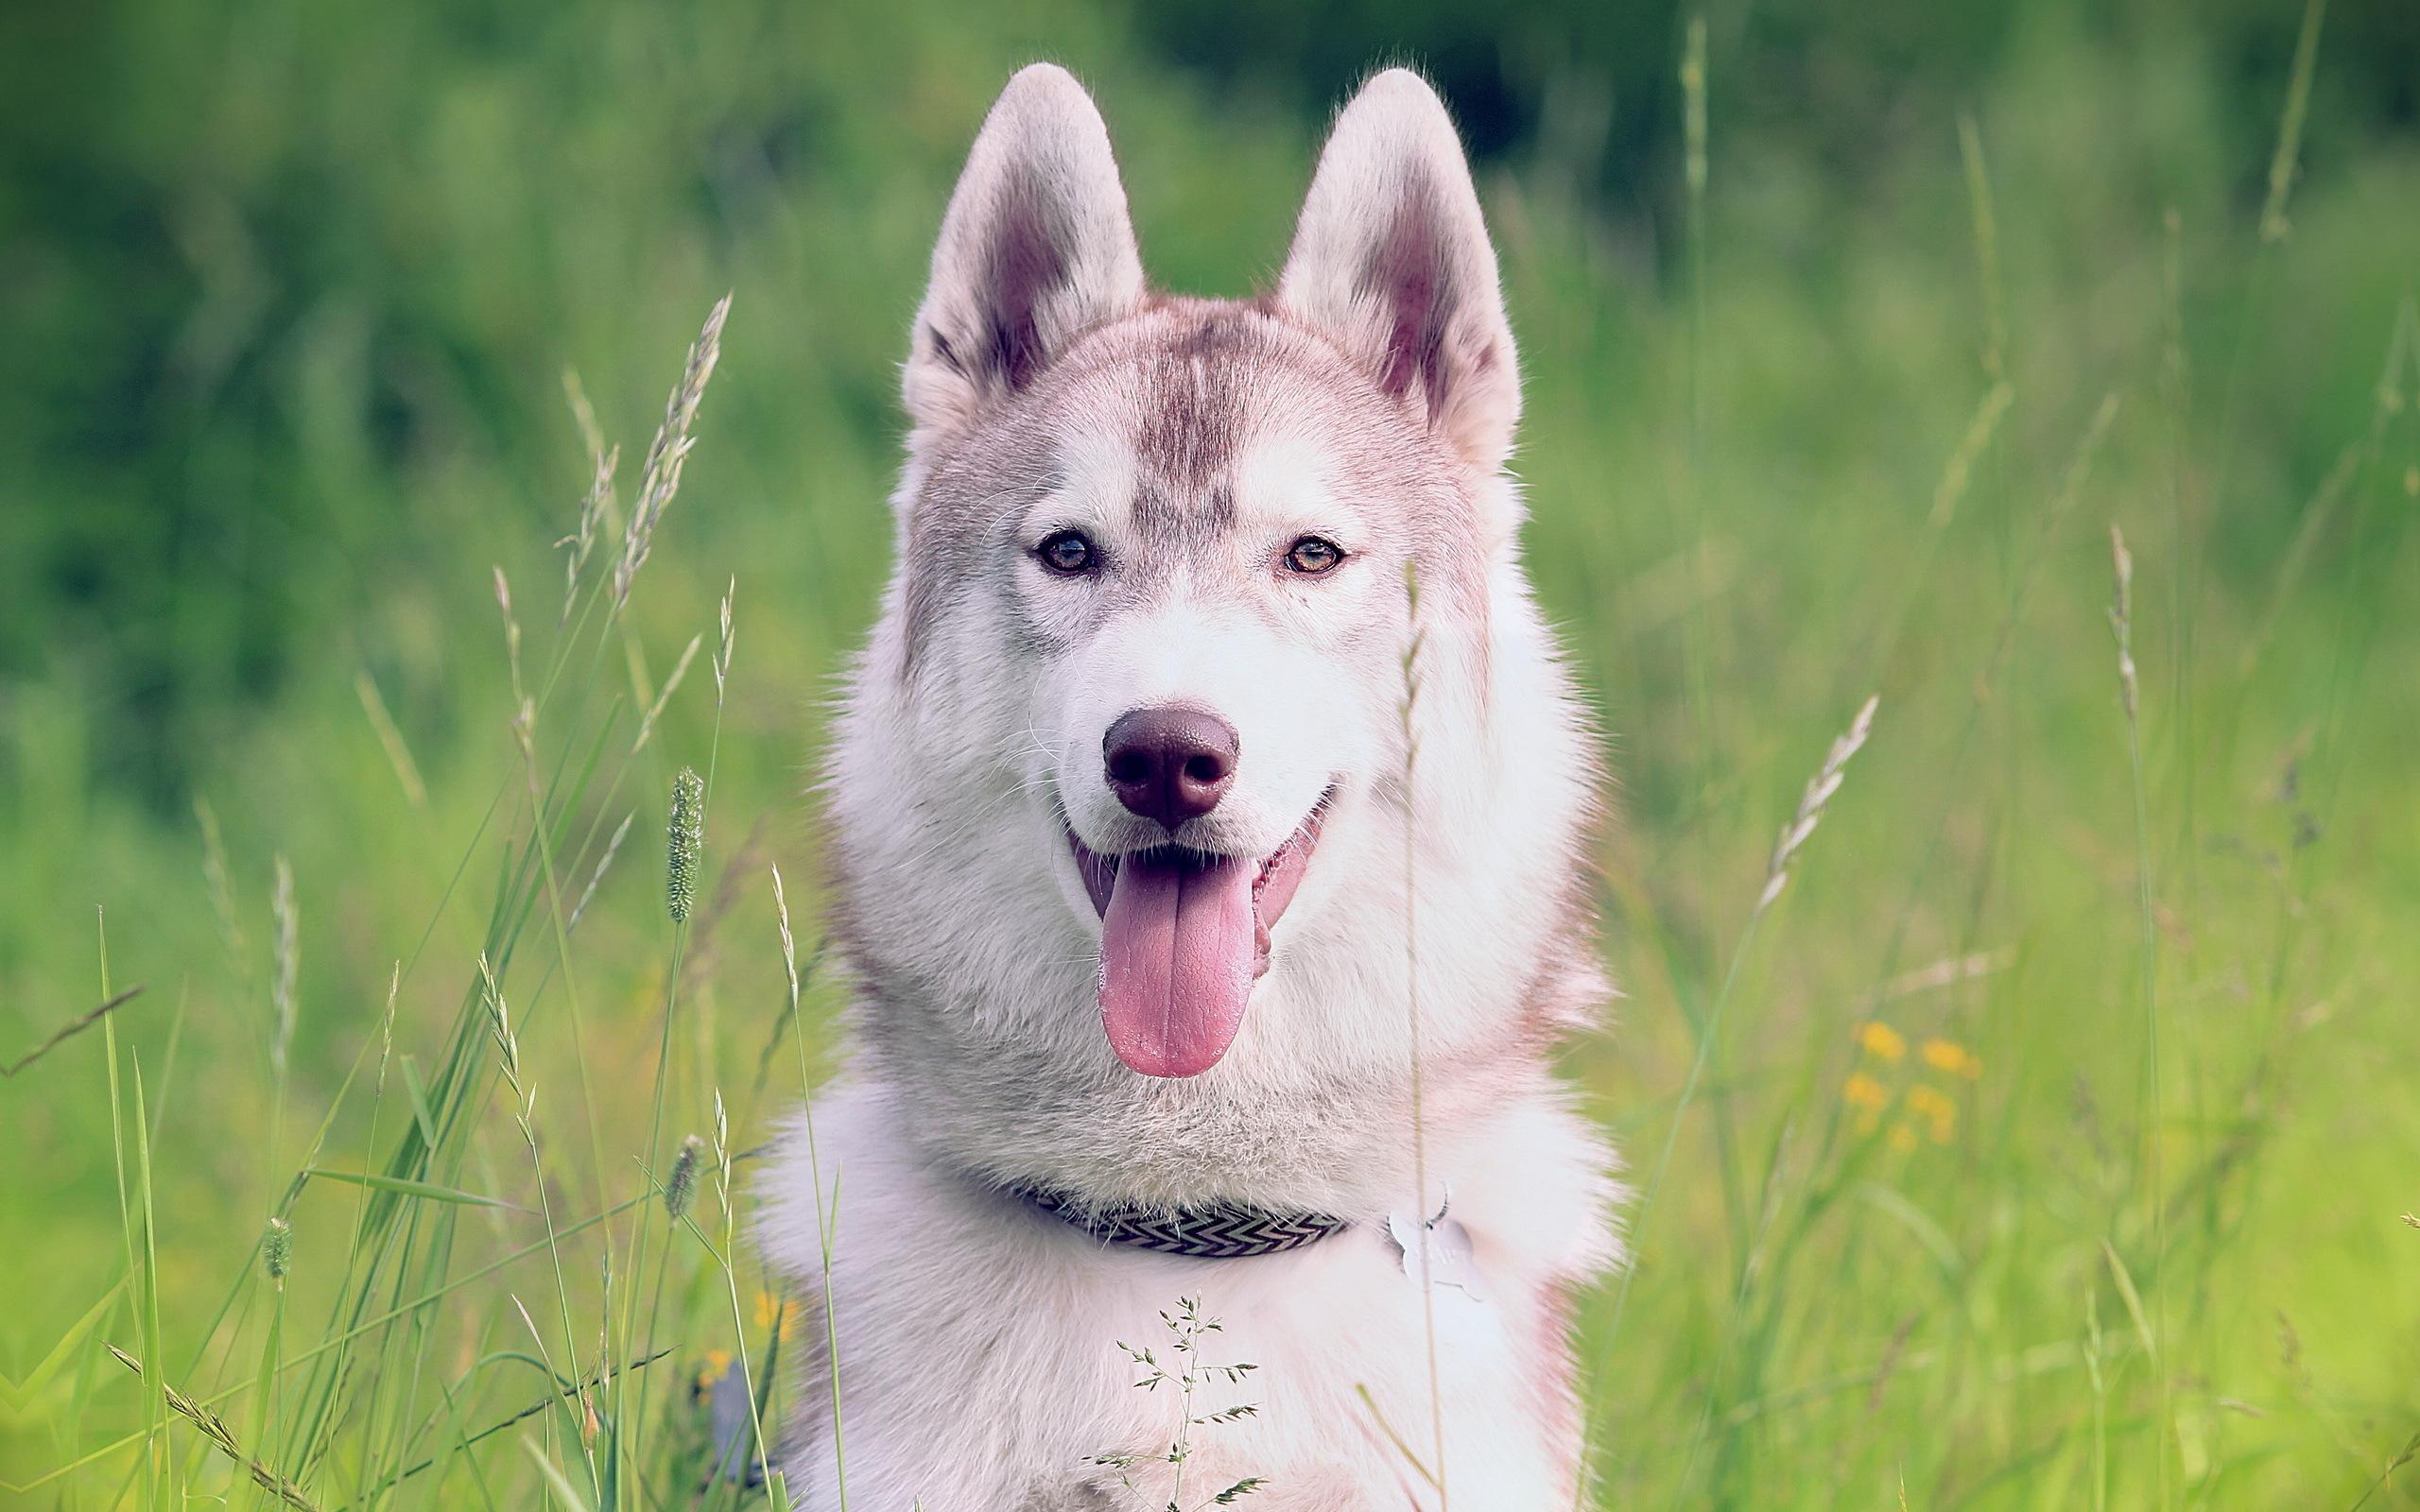 природа животное собака морда хаски  № 3886626 загрузить